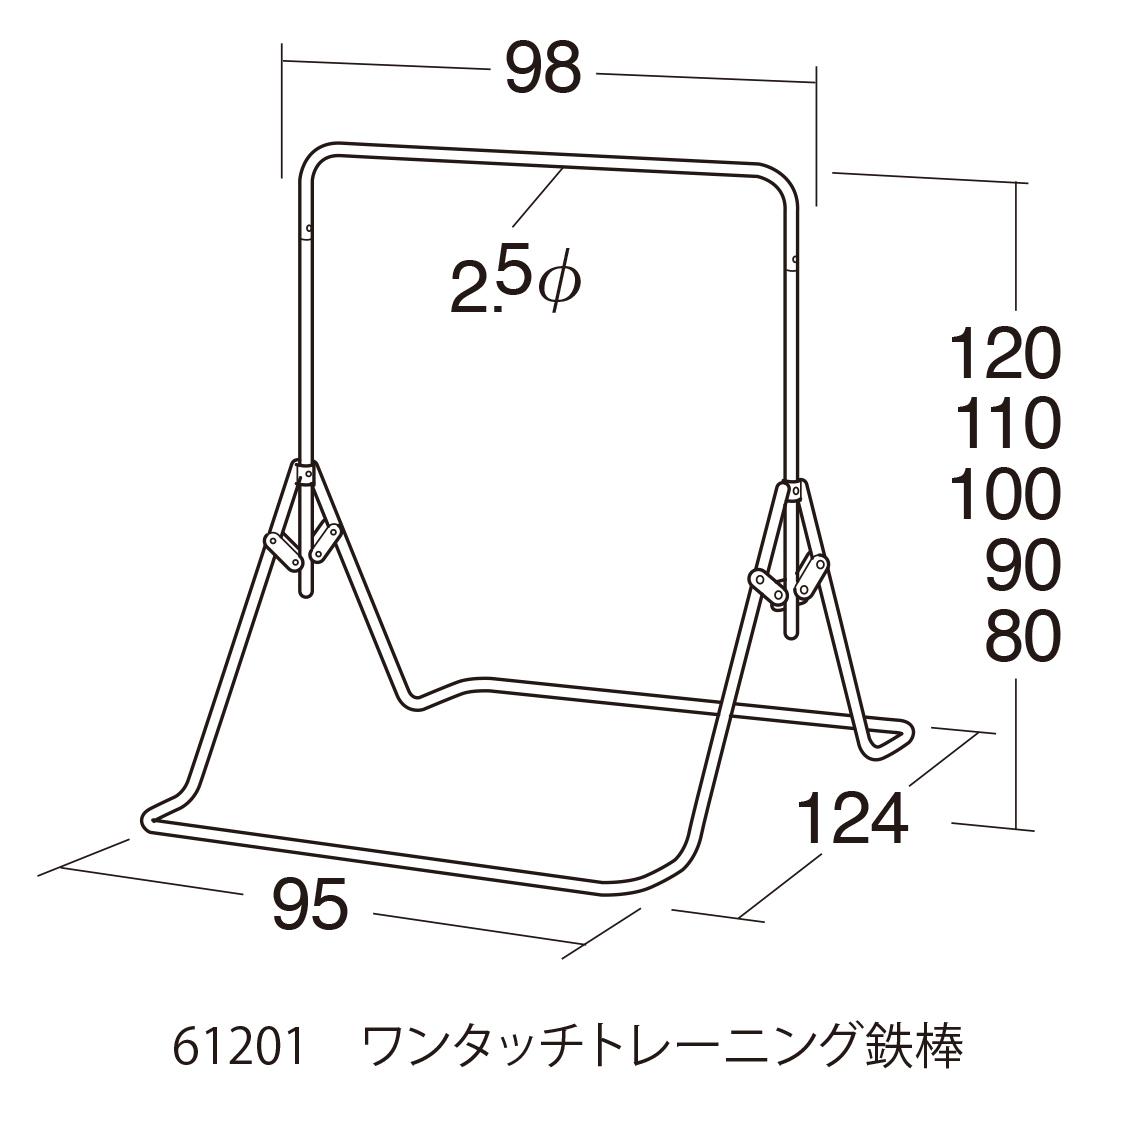 室内鉄棒 子ども用 高さ80cmからのSGマーク付き 子供用鉄棒 折りたたみ式 ワンタッチトレーニング鉄棒